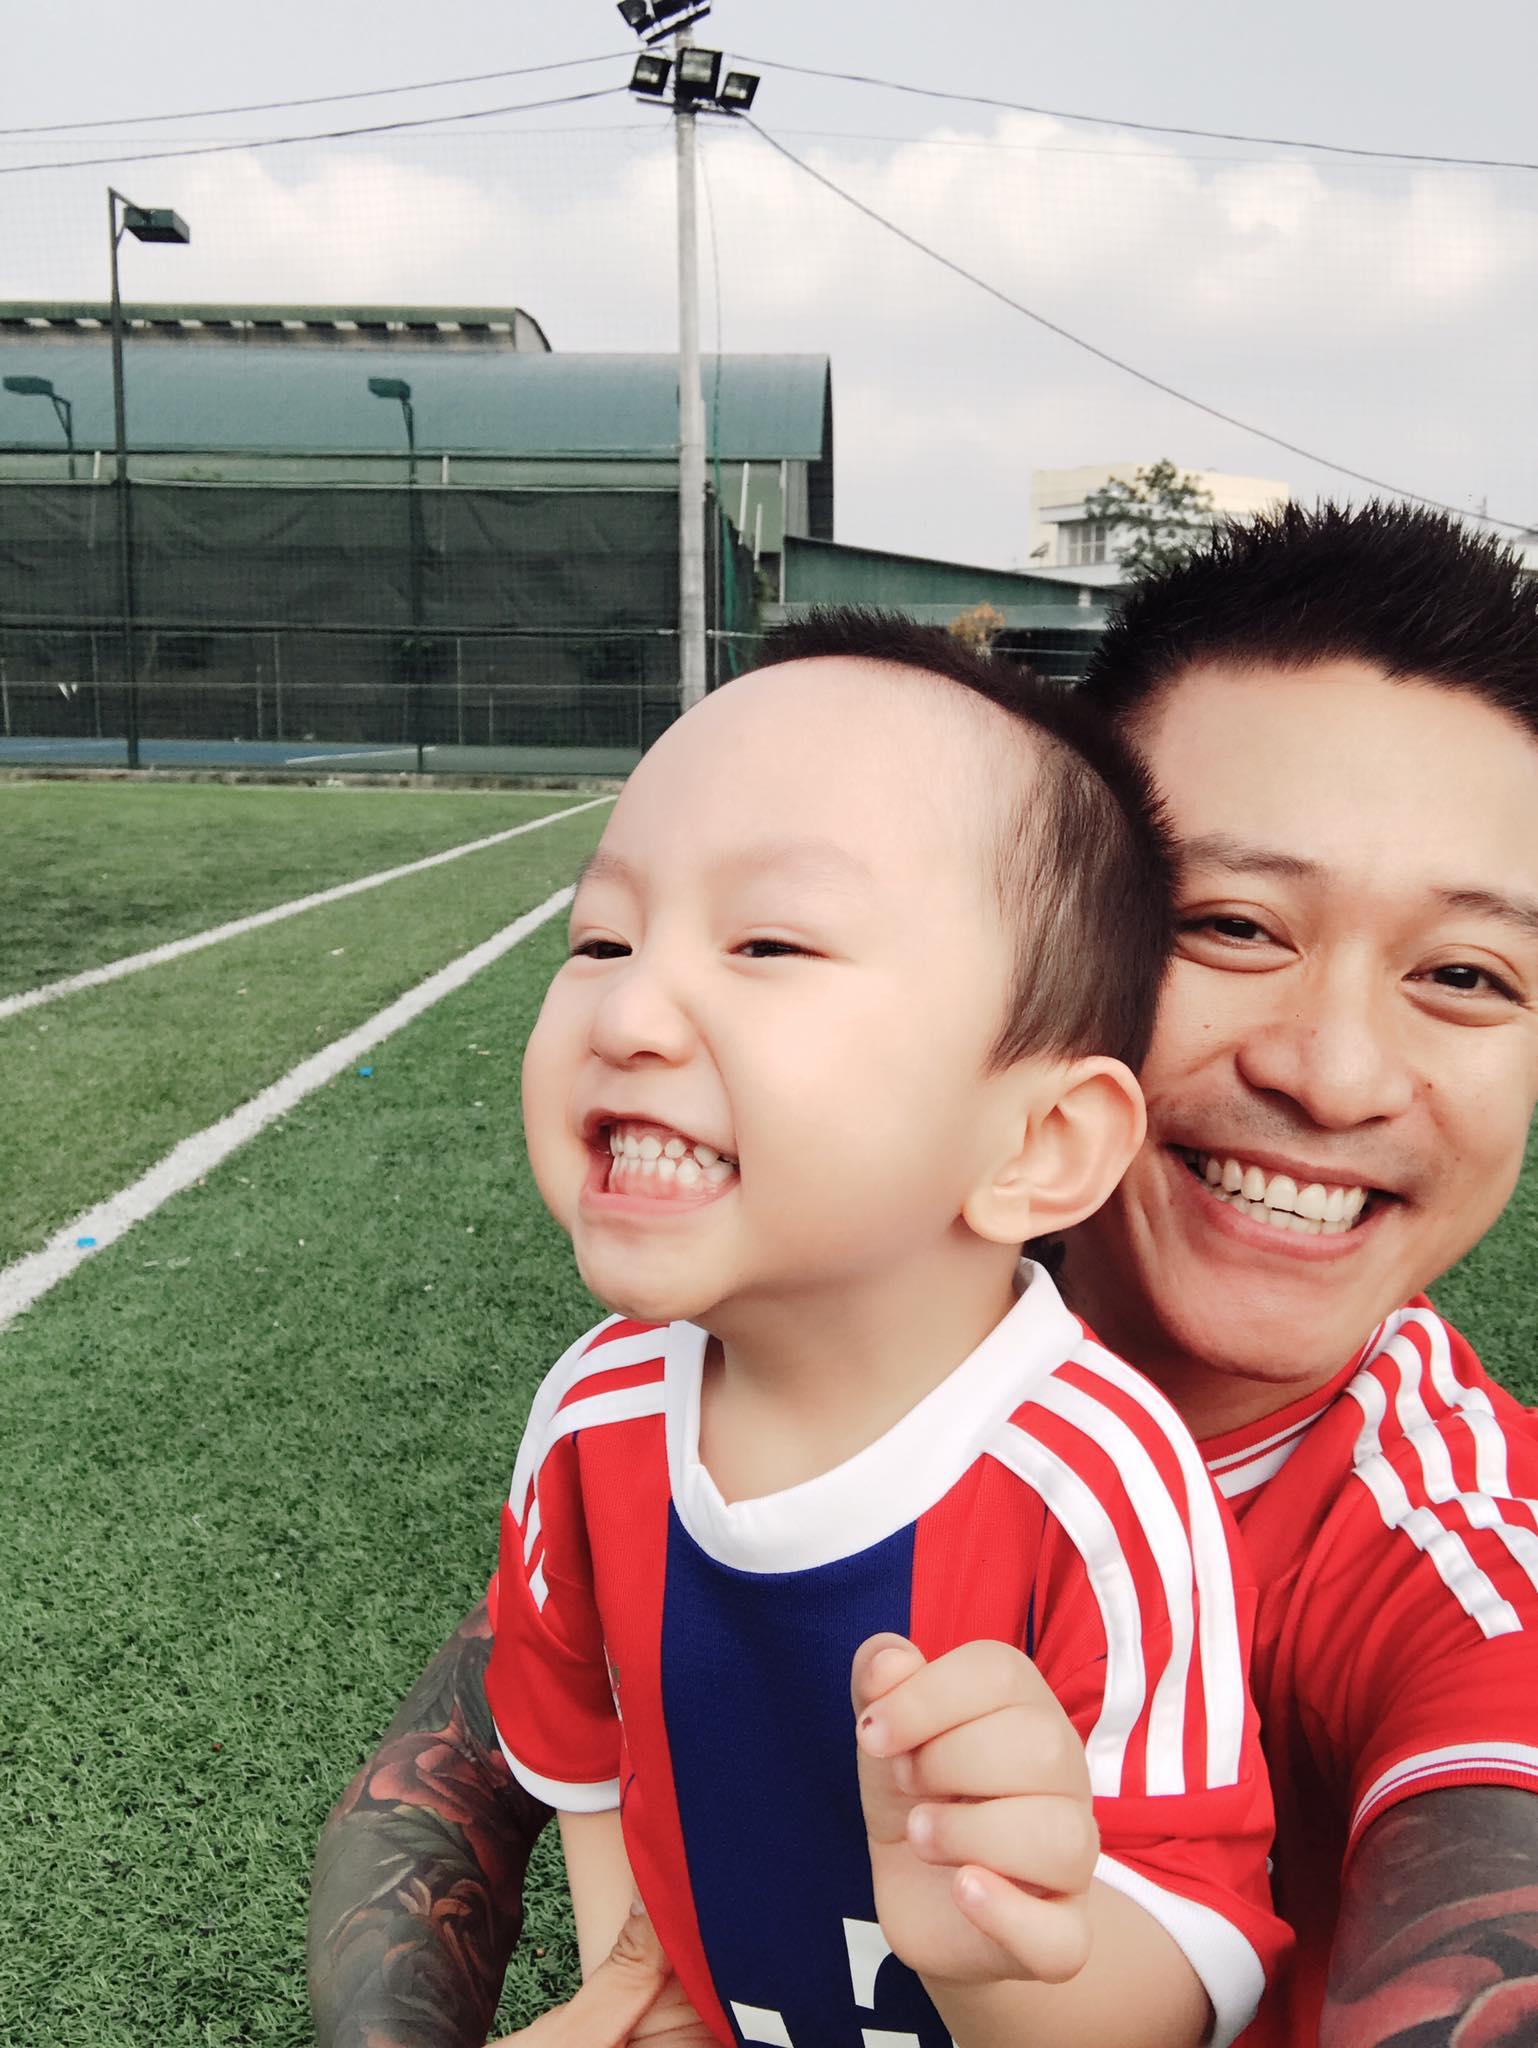 Sao Việt: Nhìn loạt ảnh này ai chẳng muốn có một nhóc tỳ kháu khỉnh giống như ca sĩ Tuấn Hưng!